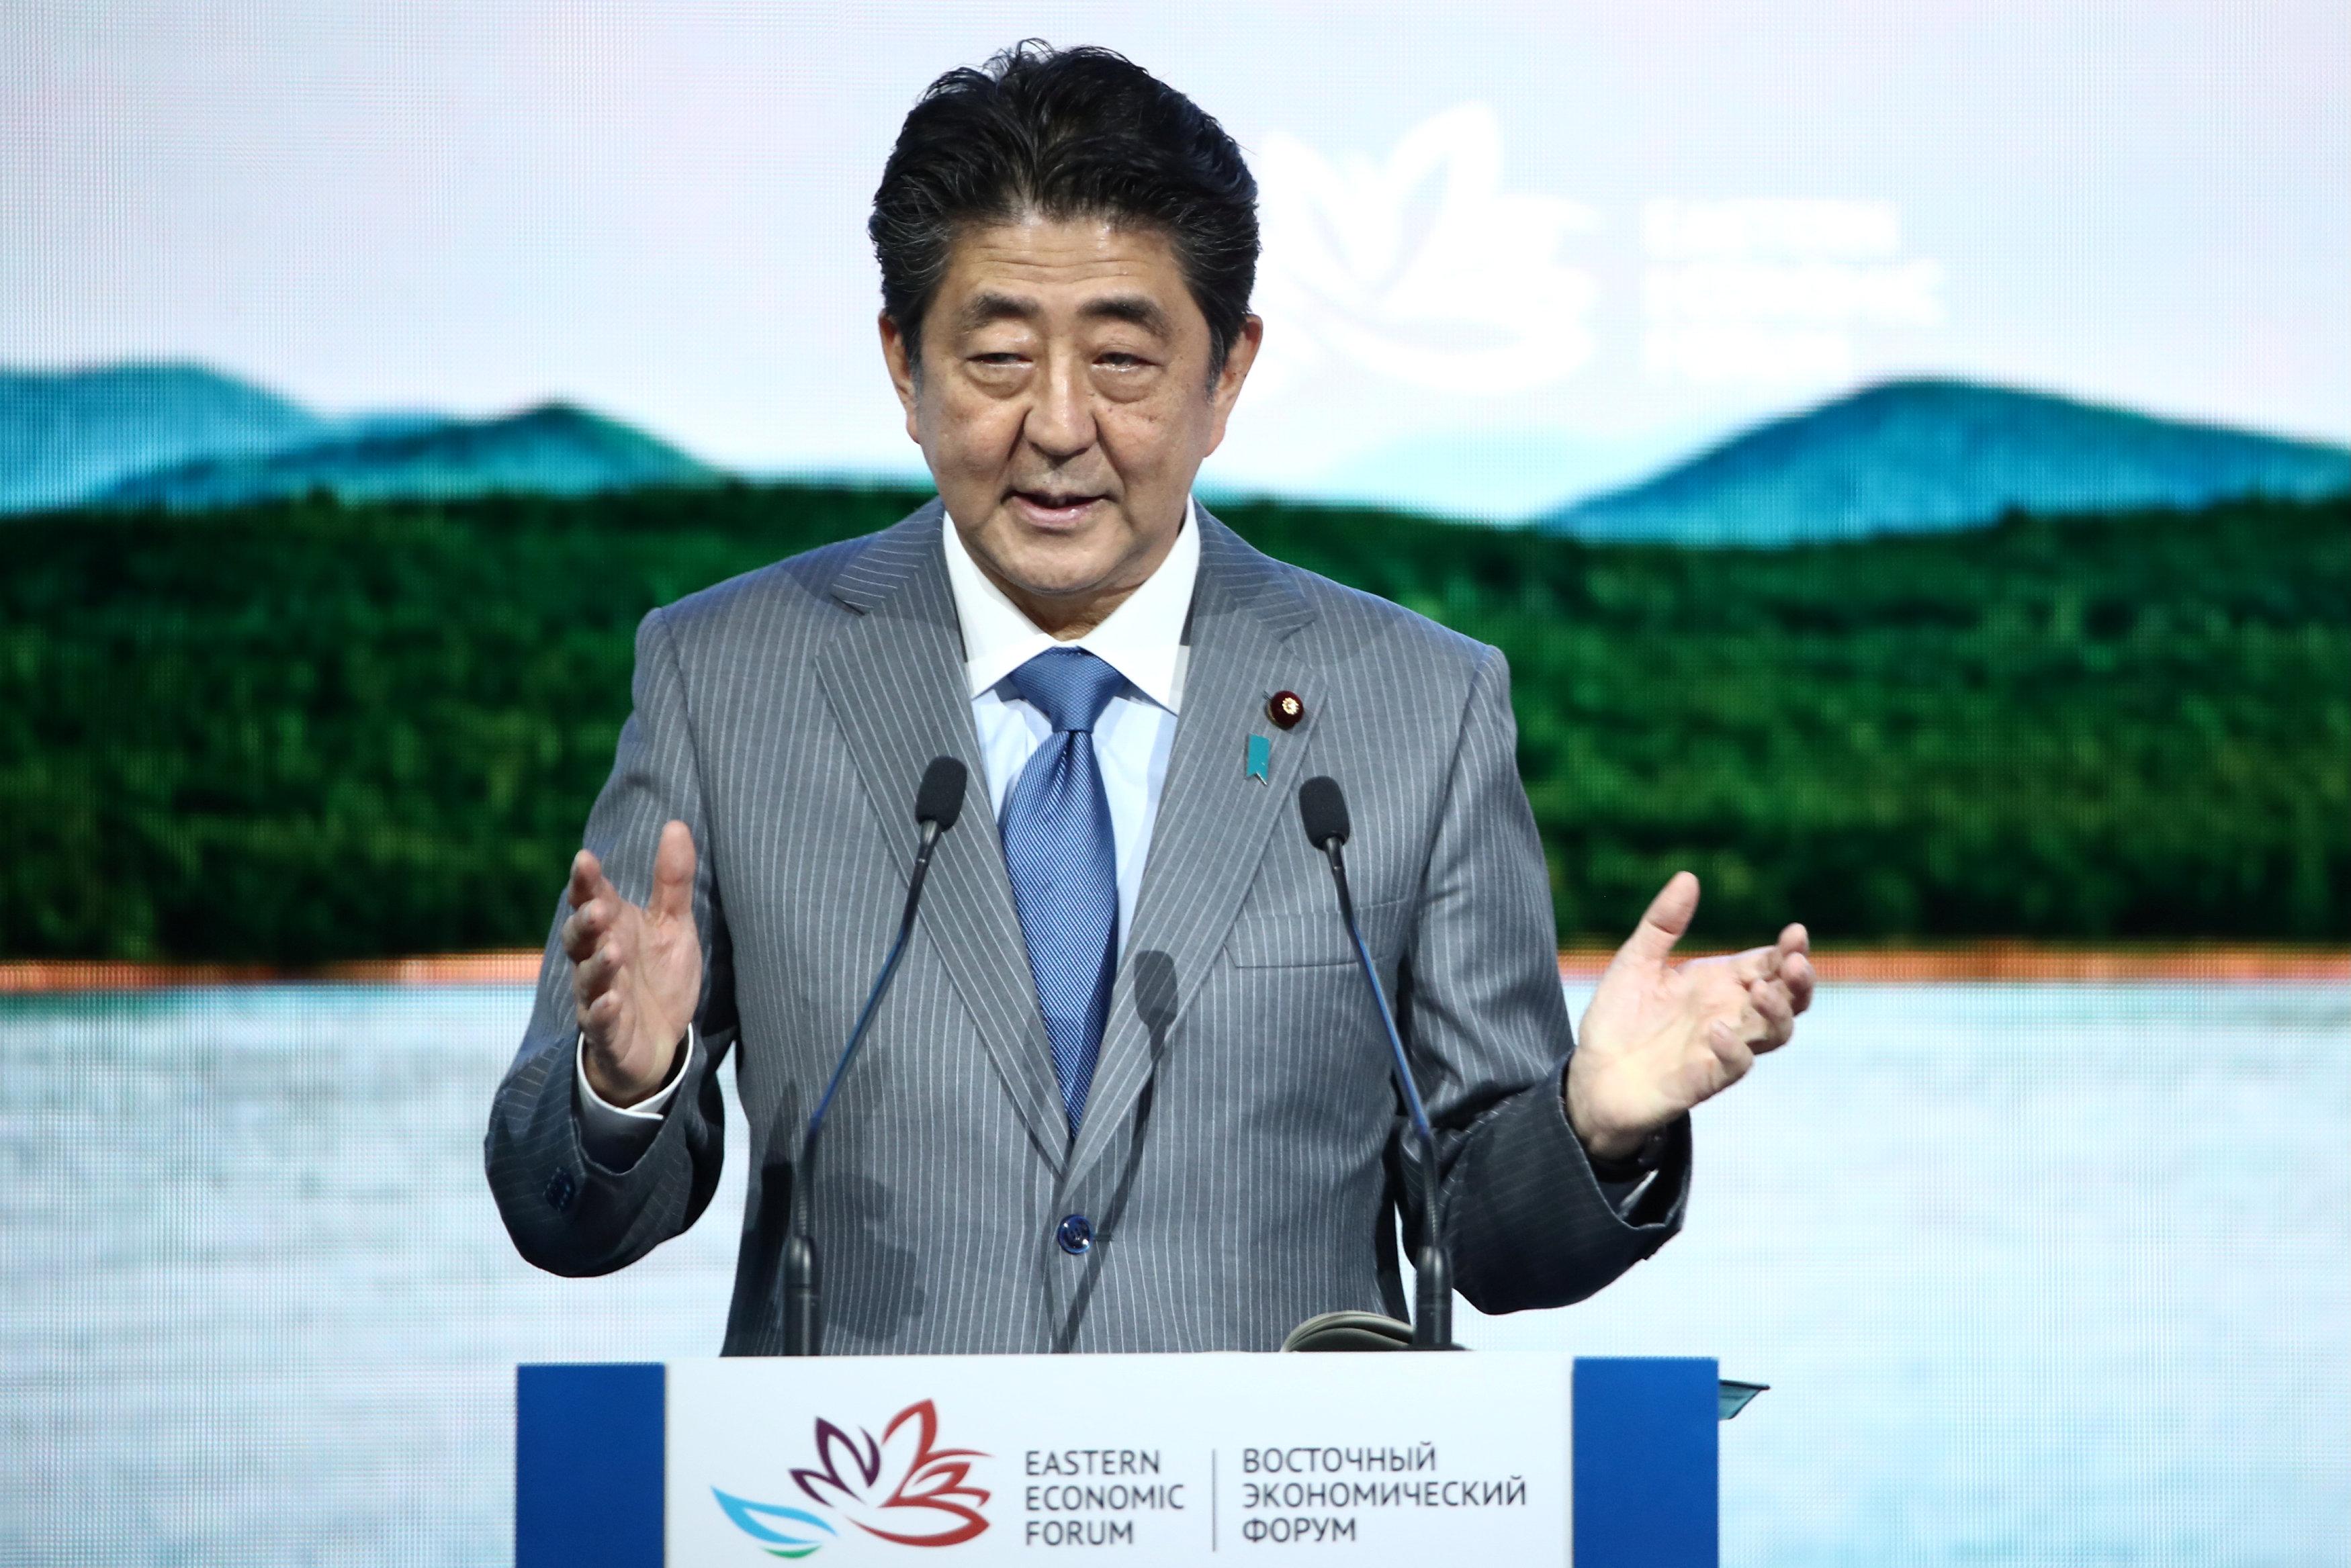 5 – رئيس الوزراء اليابانى اثناء القاء كلمته بالمنتدى